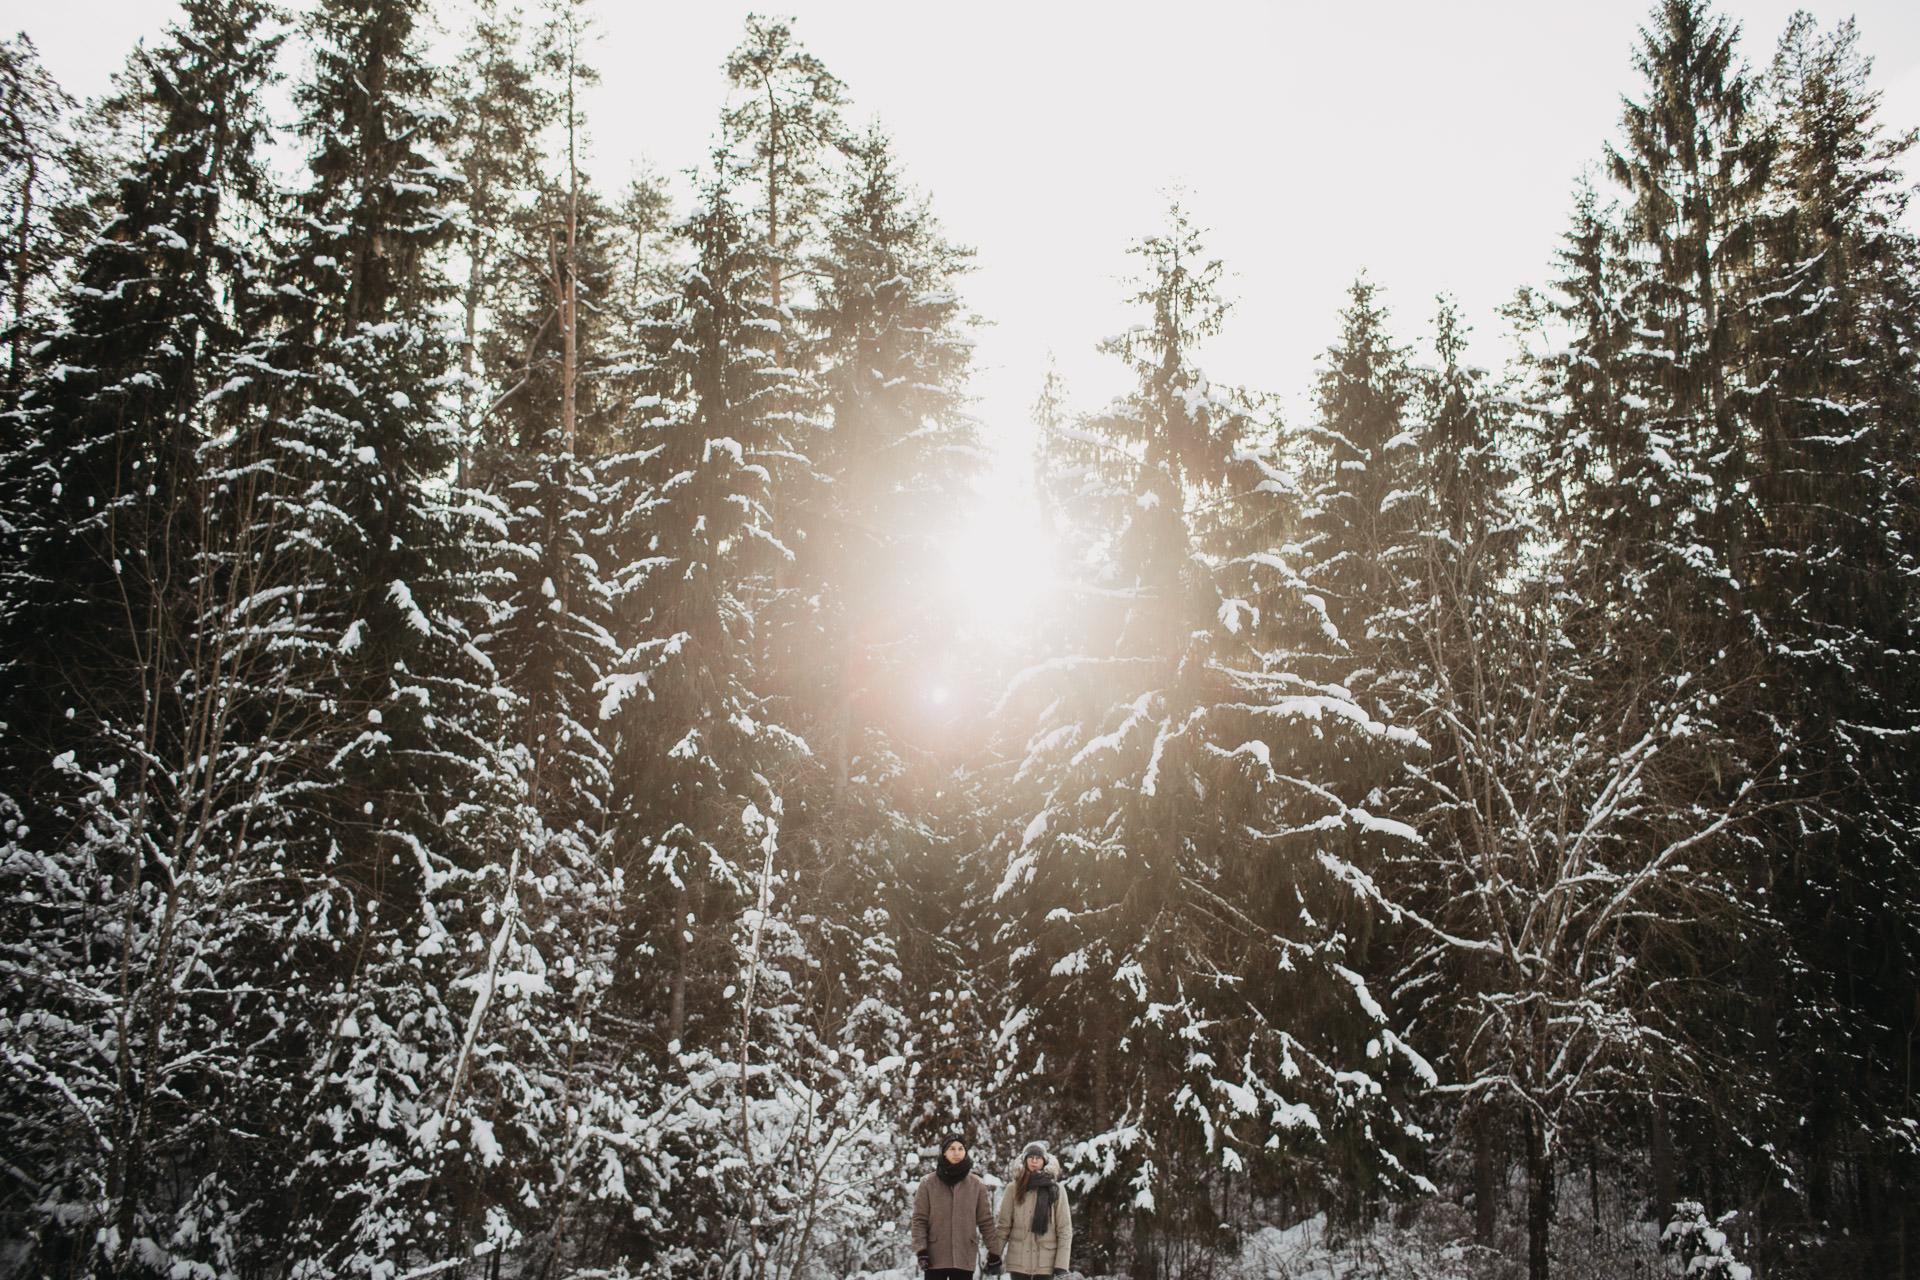 Ziemas fotosesija ko vilkt